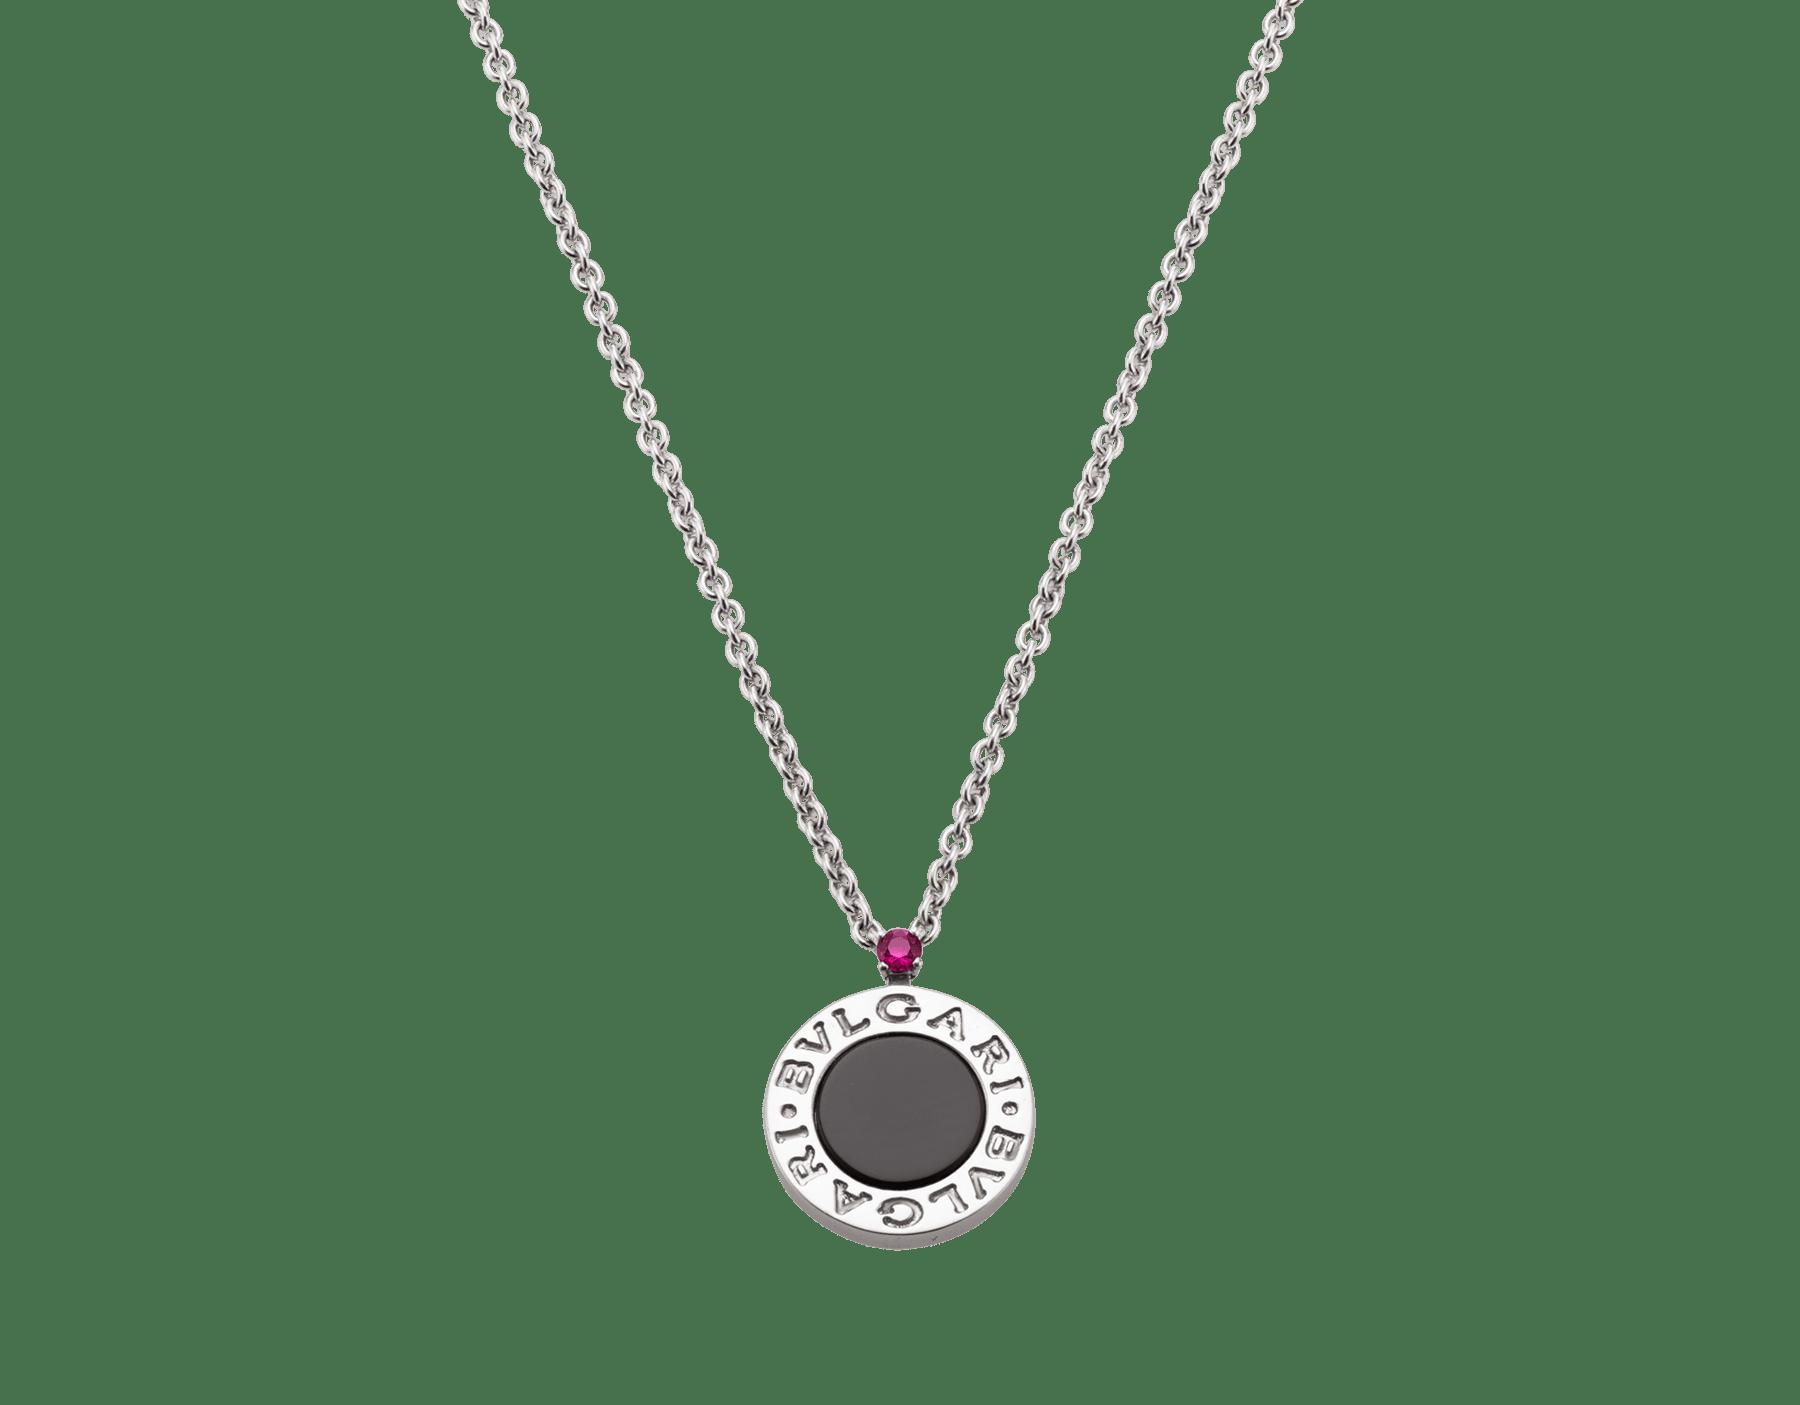 Collier Save the Children 10eAnniversaire en argent massif avec pendentif serti d'un élément en onyx et d'un rubis 356910 image 4